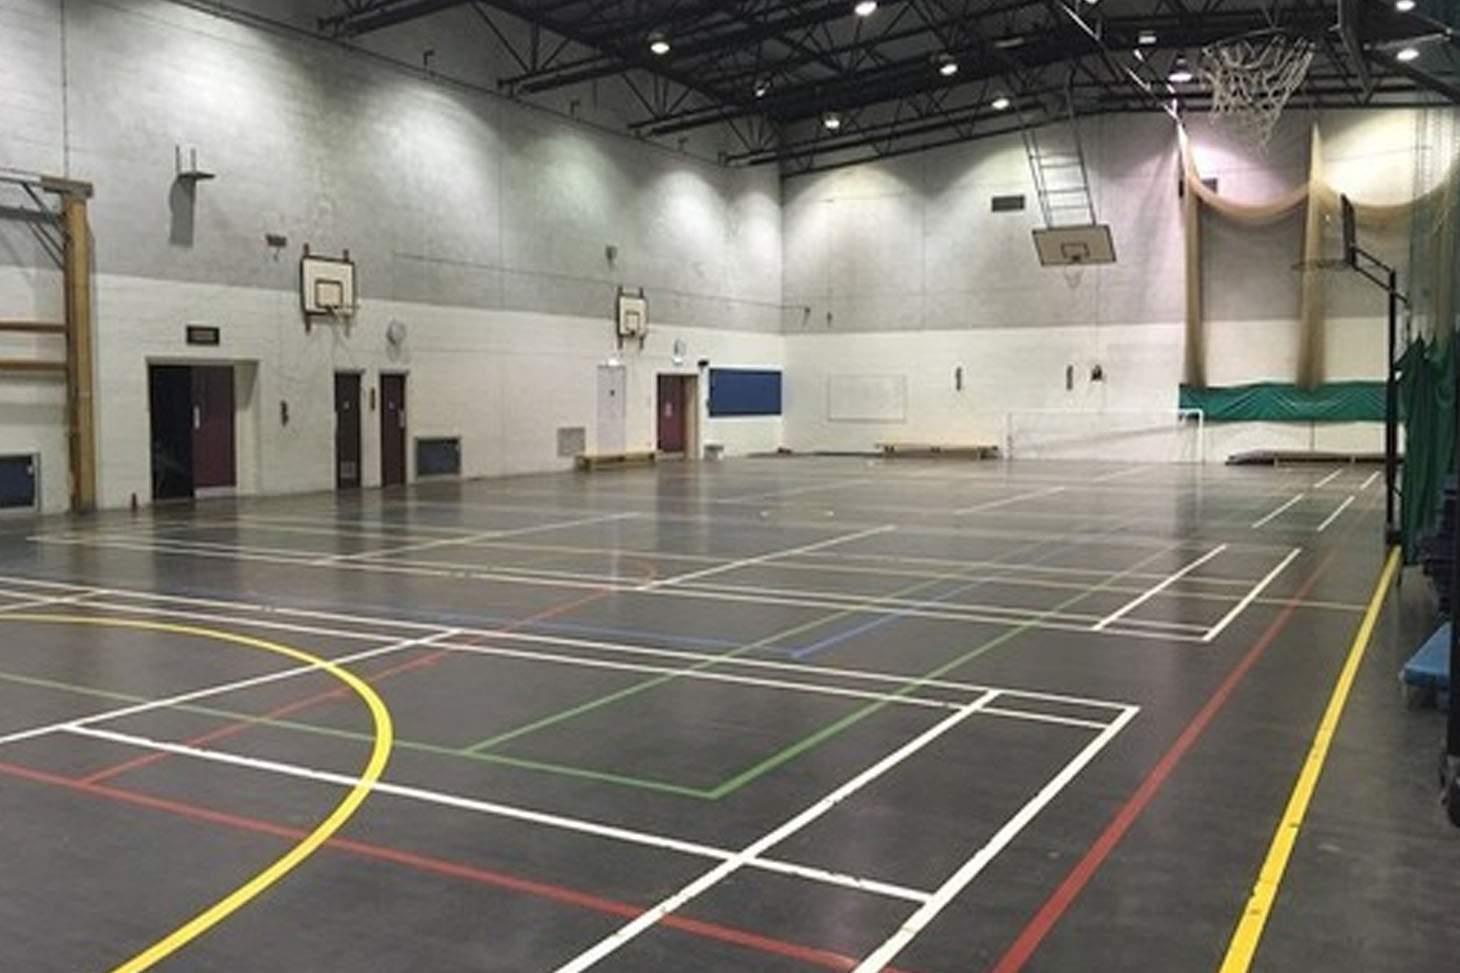 Woodhey High School Indoor badminton court